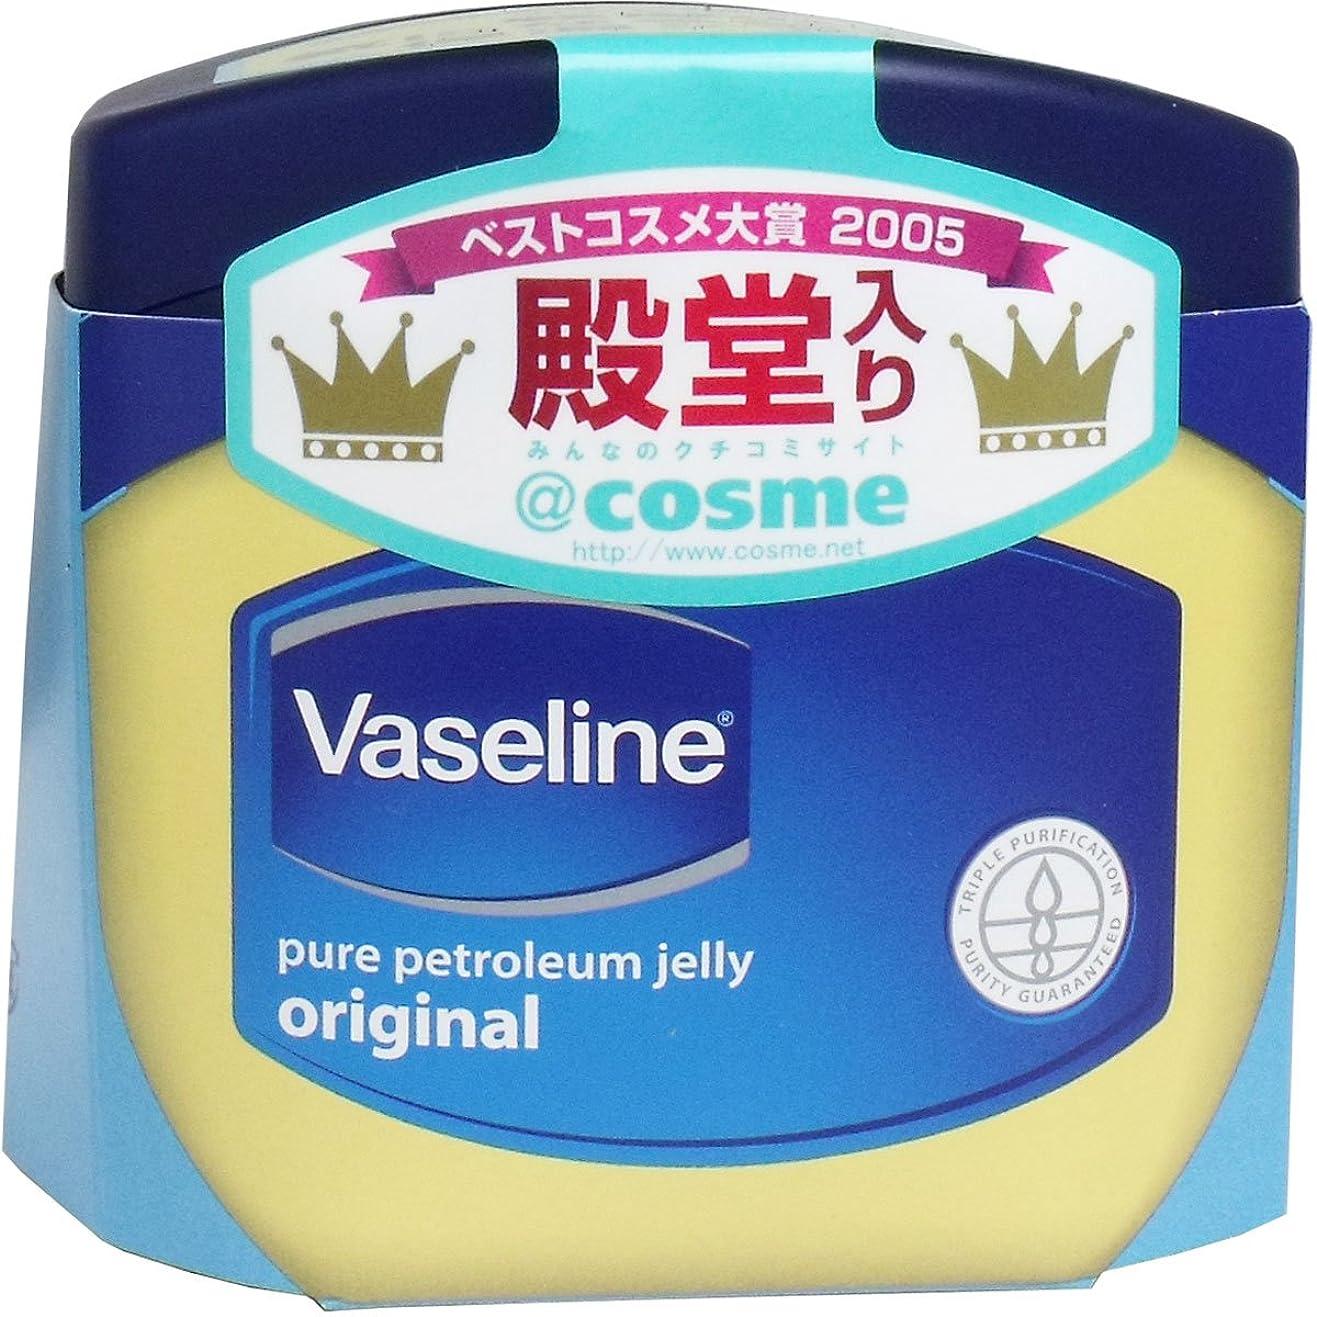 きちんとしたへこみチューリップ【Vaseline】ヴァセリン ピュアスキンジェリー (スキンオイル) 200g ×10個セット